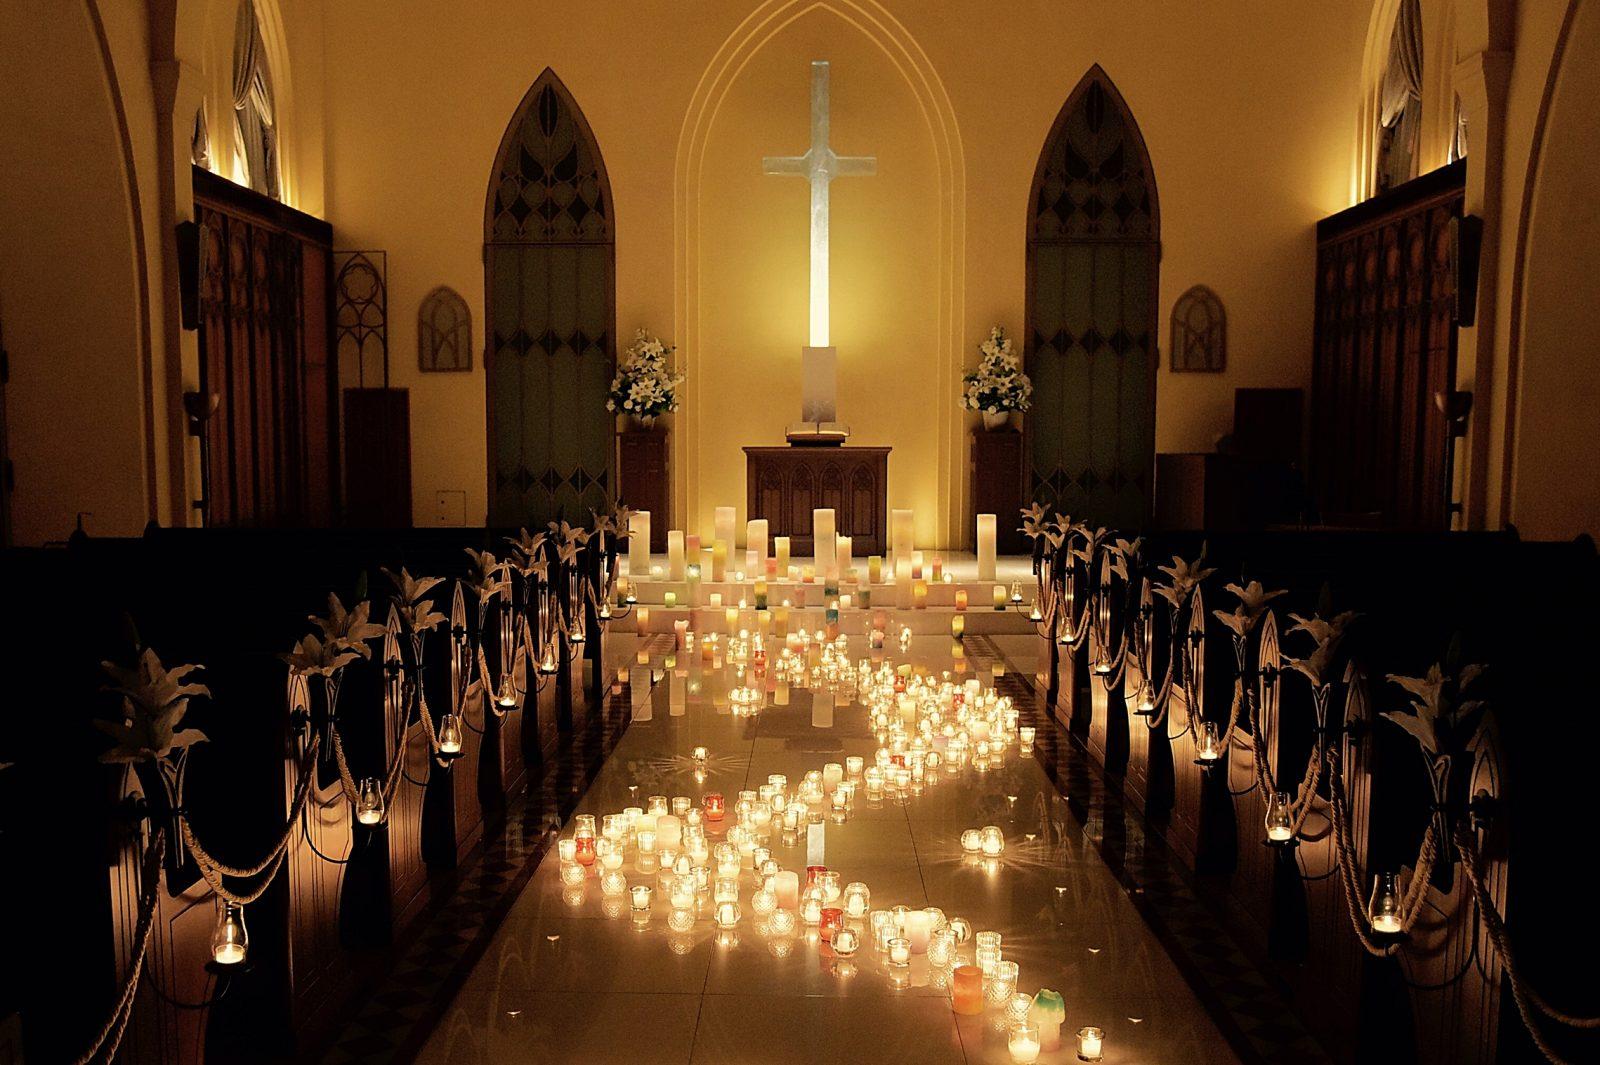 クリスマス目前! 気分を高める赤坂ル・アンジェ教会のイベント3つ